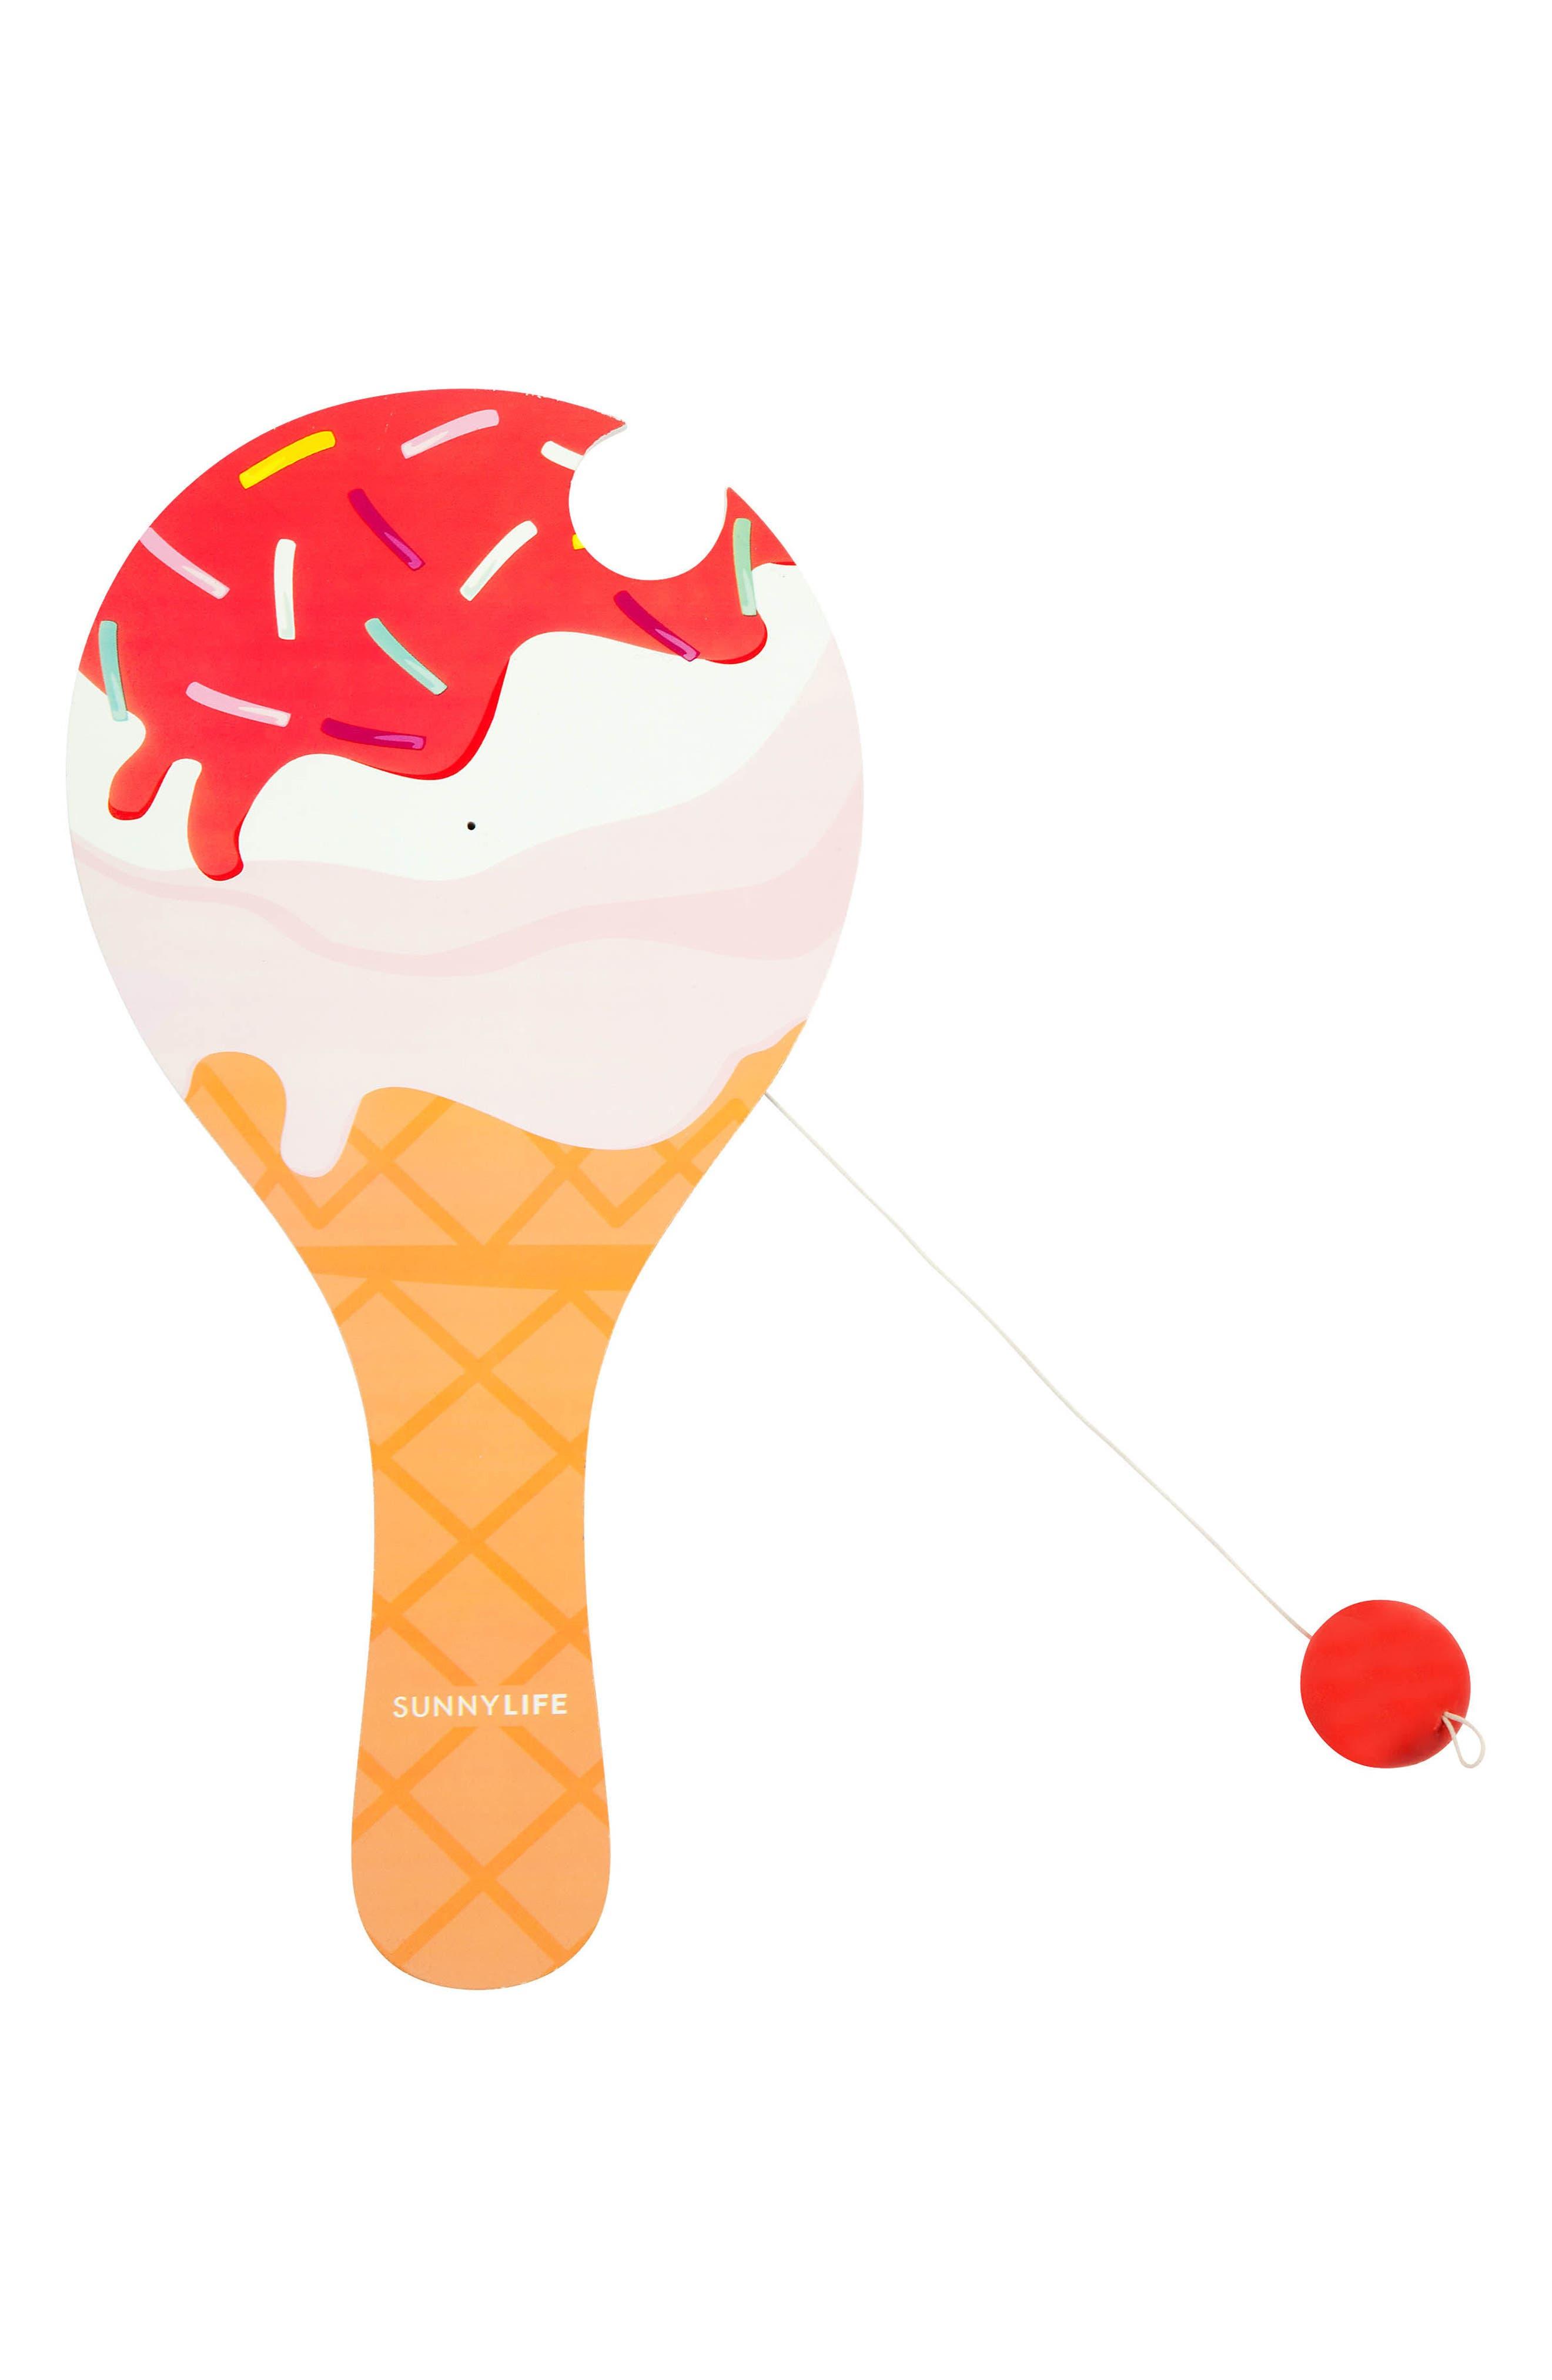 Sunnylife Ice Cream Paddle Ball